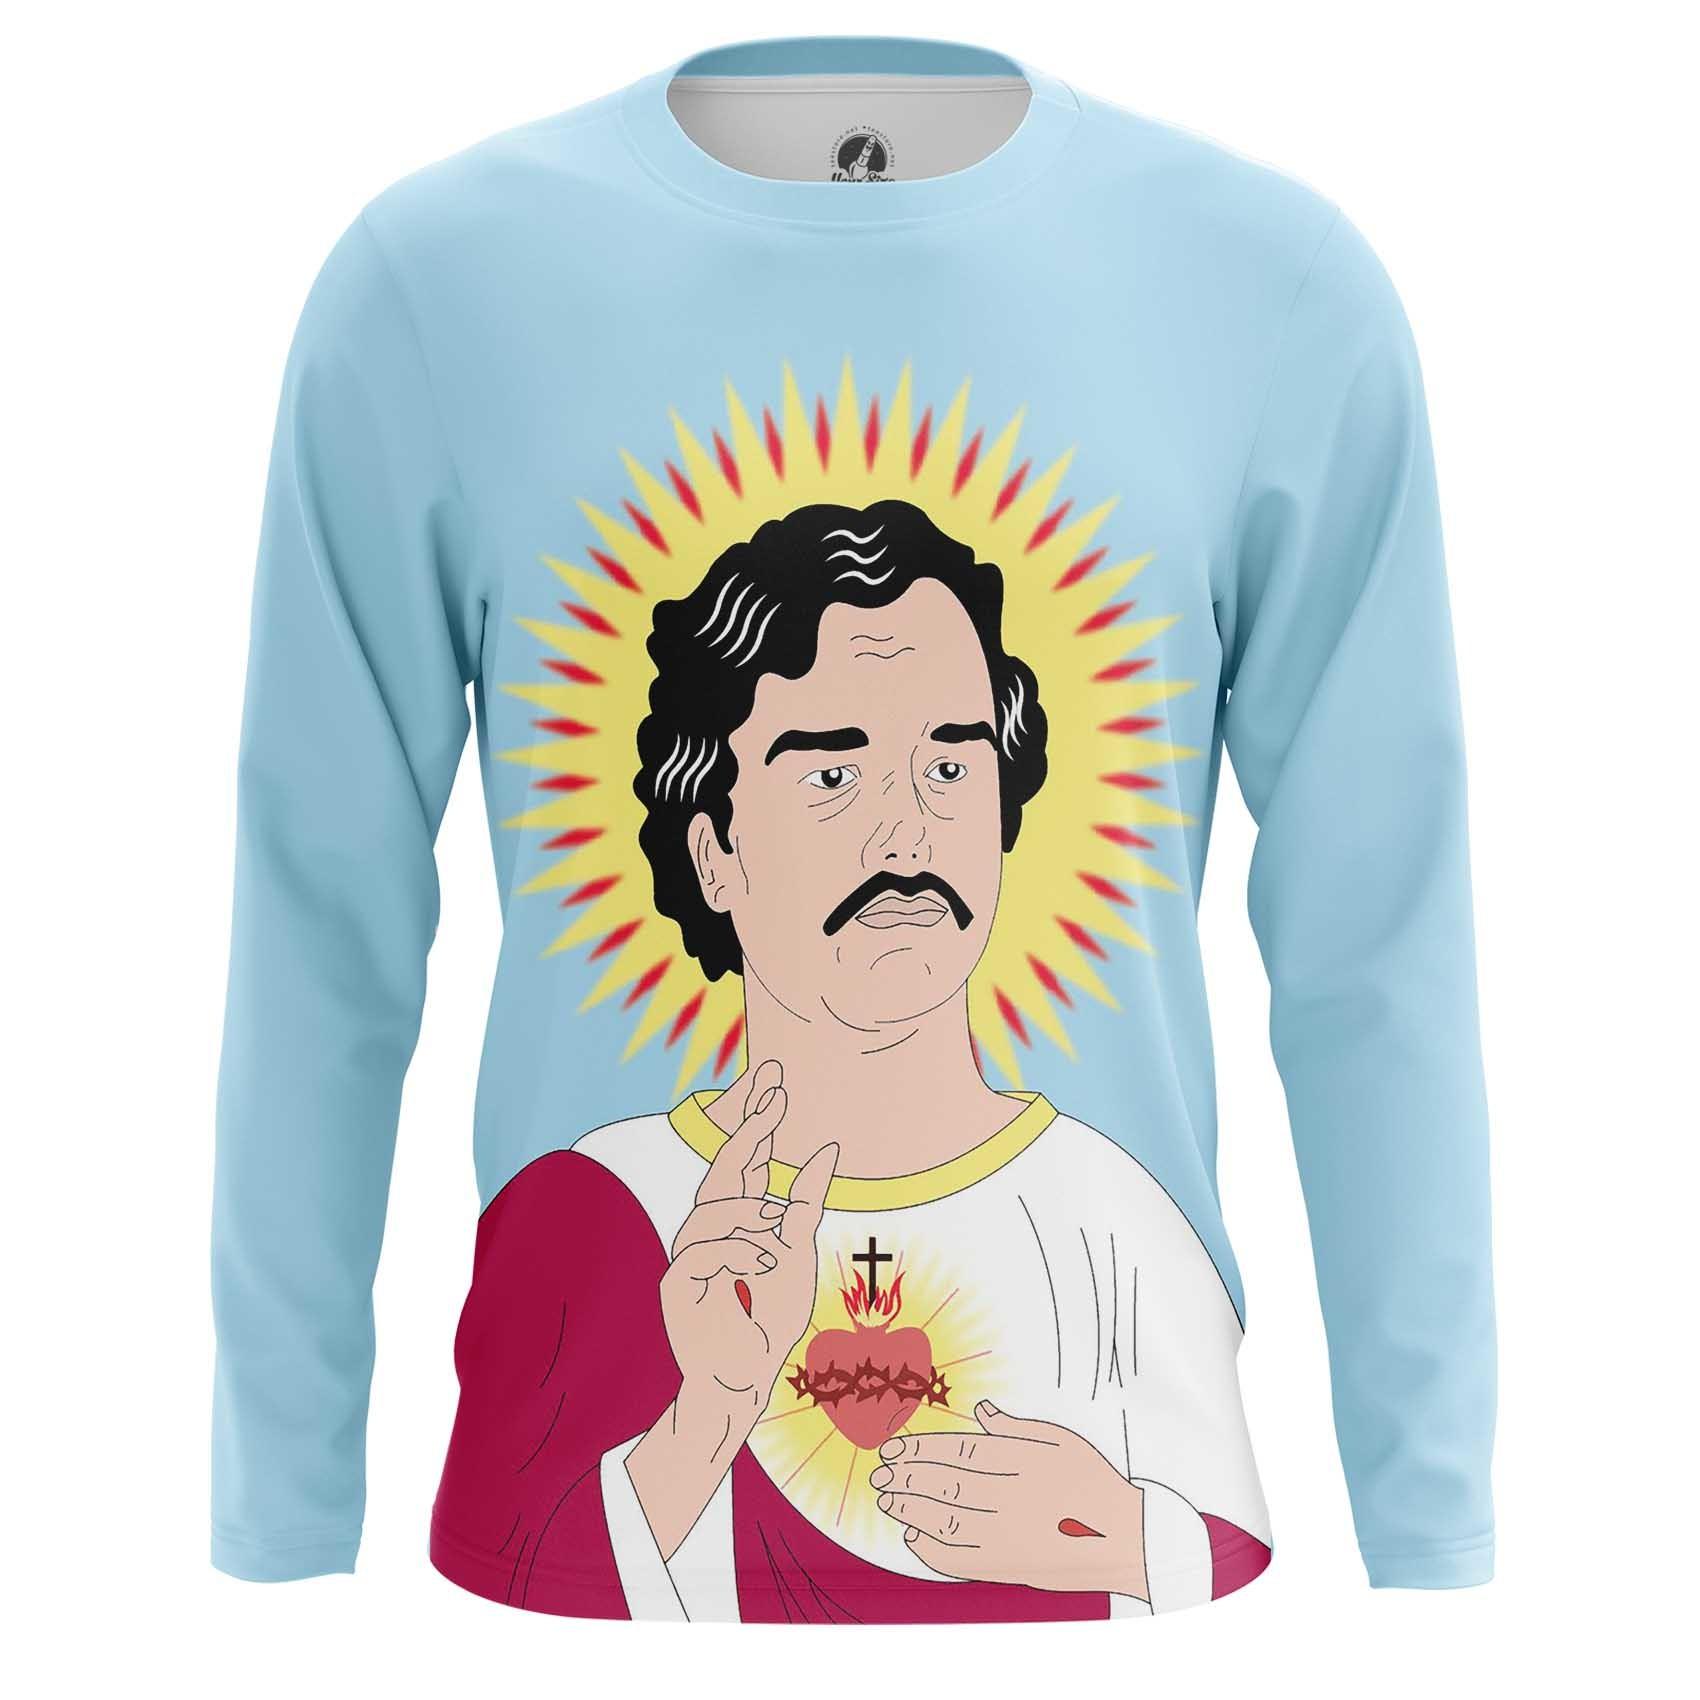 Collectibles Long Sleeve Pablo Escobar Warm Heart